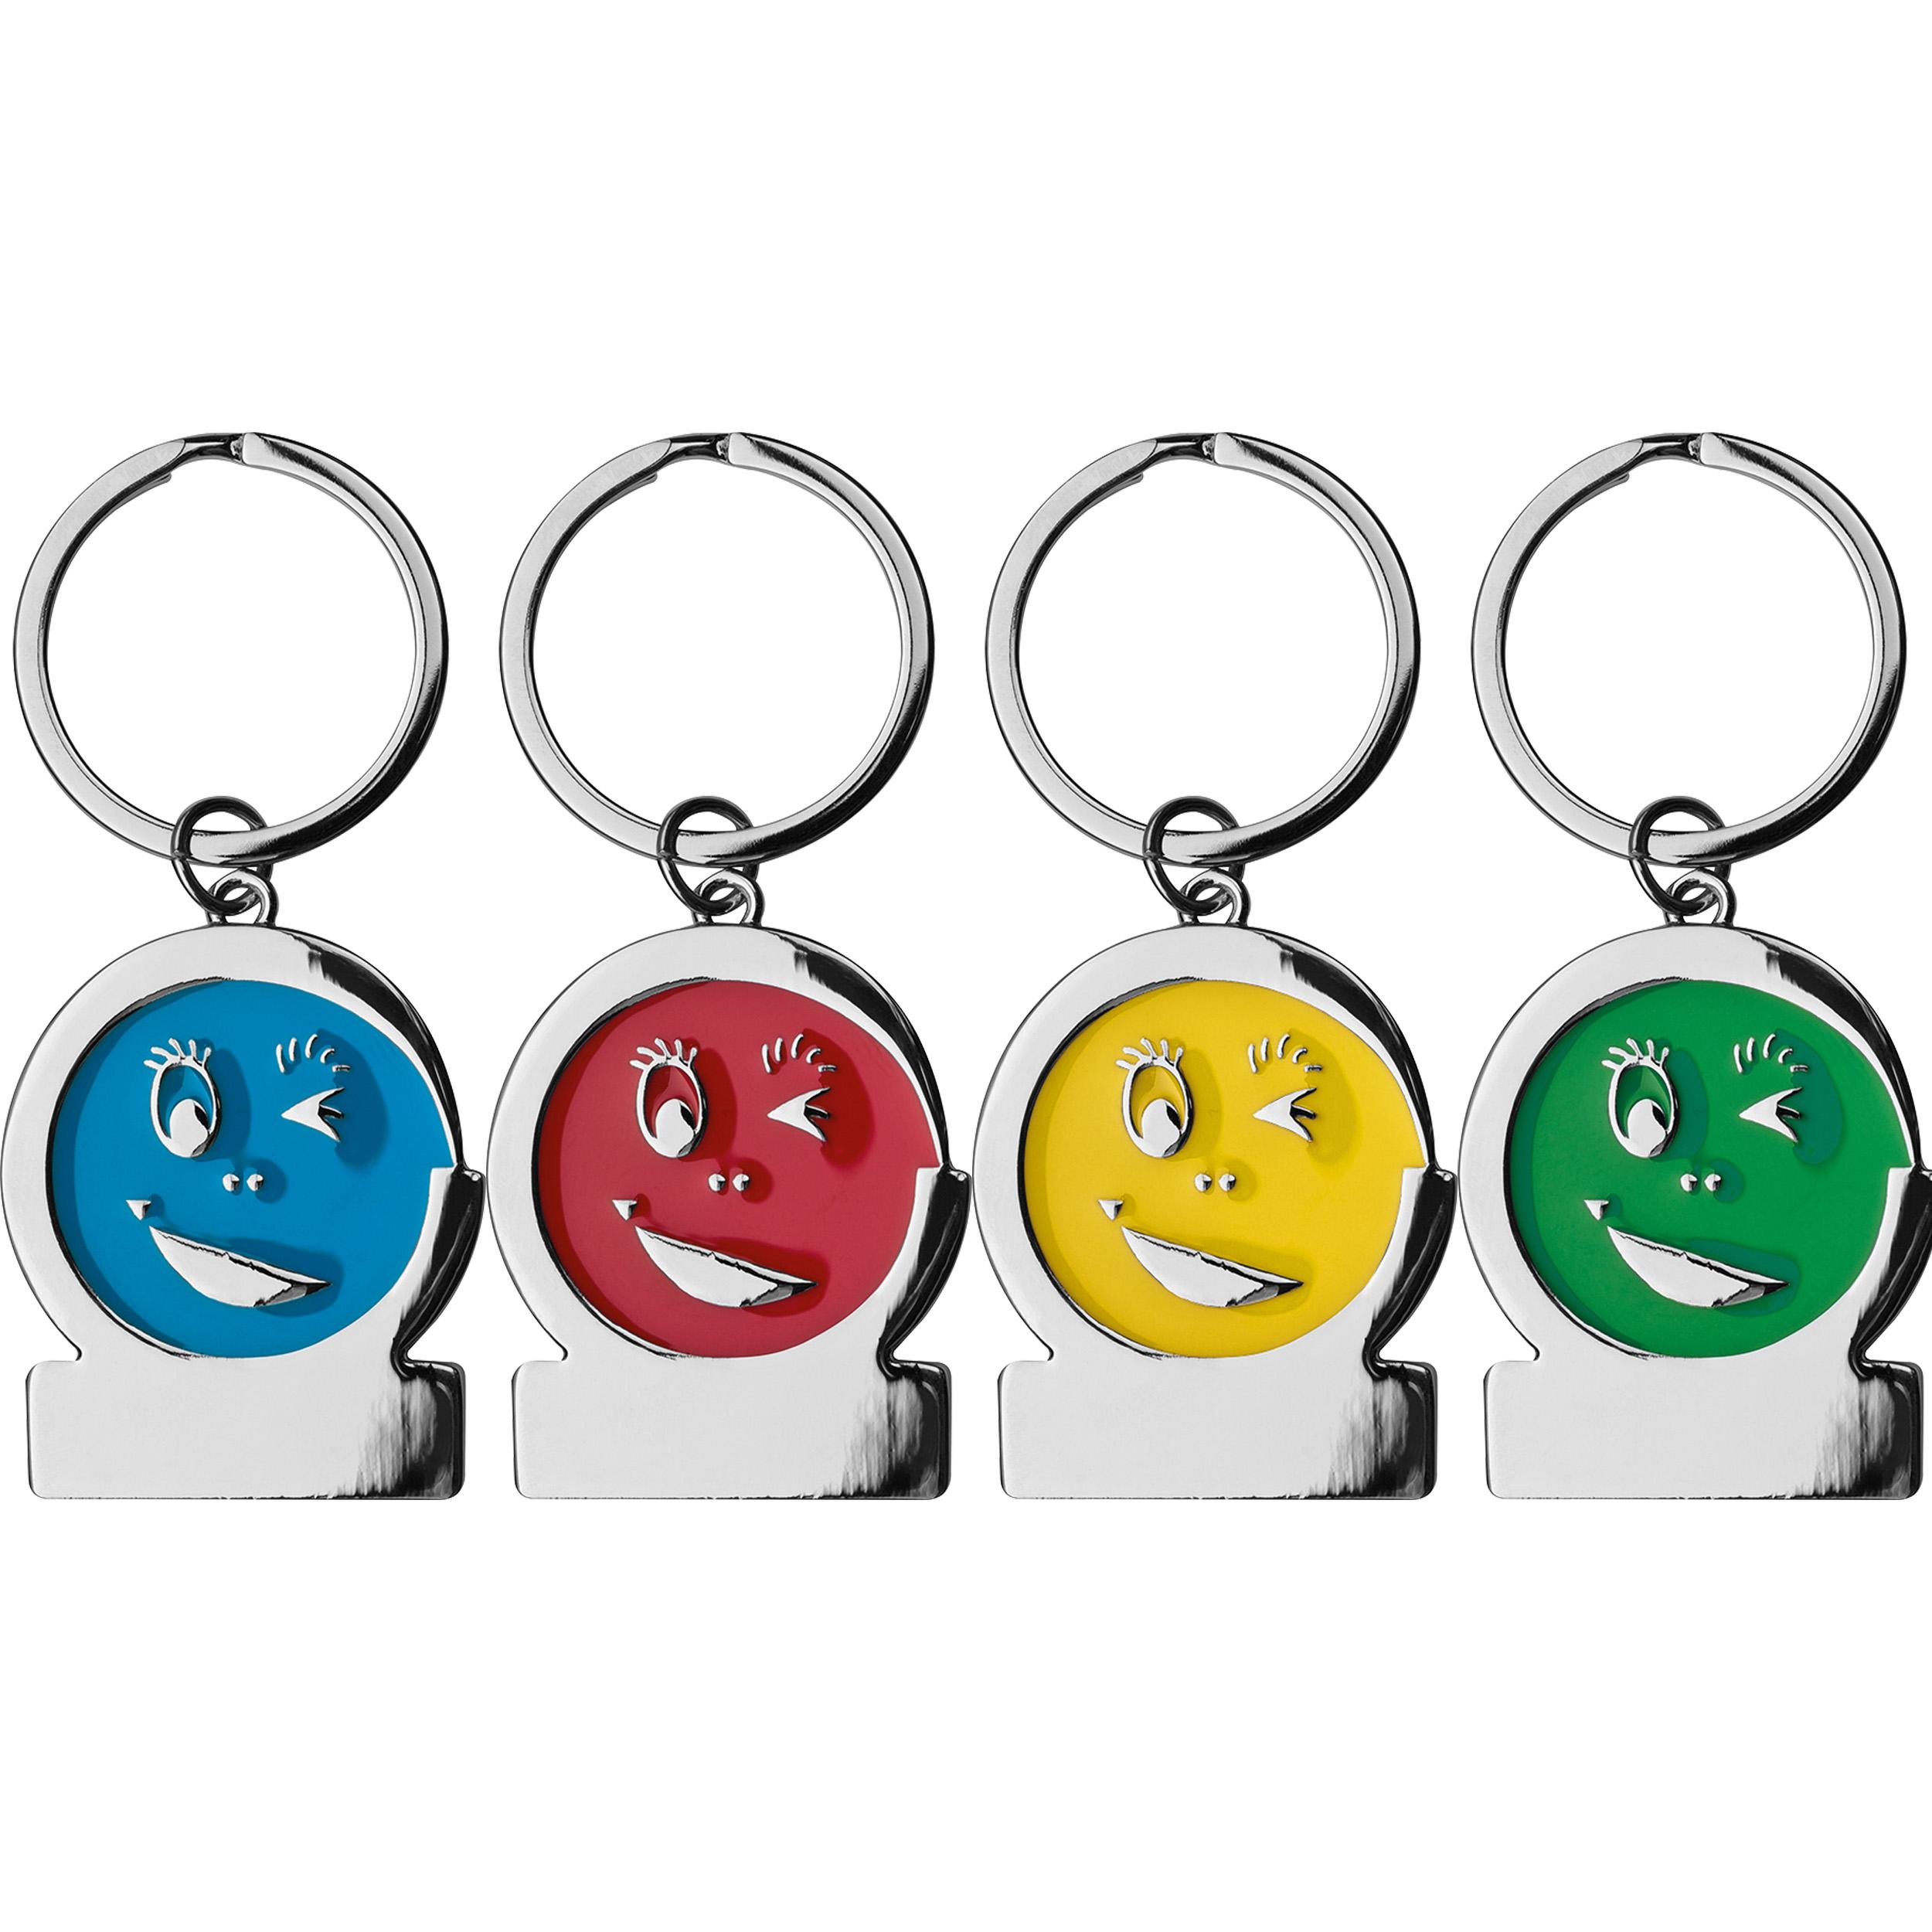 Schlüsselanhänger aus Metall Gesicht